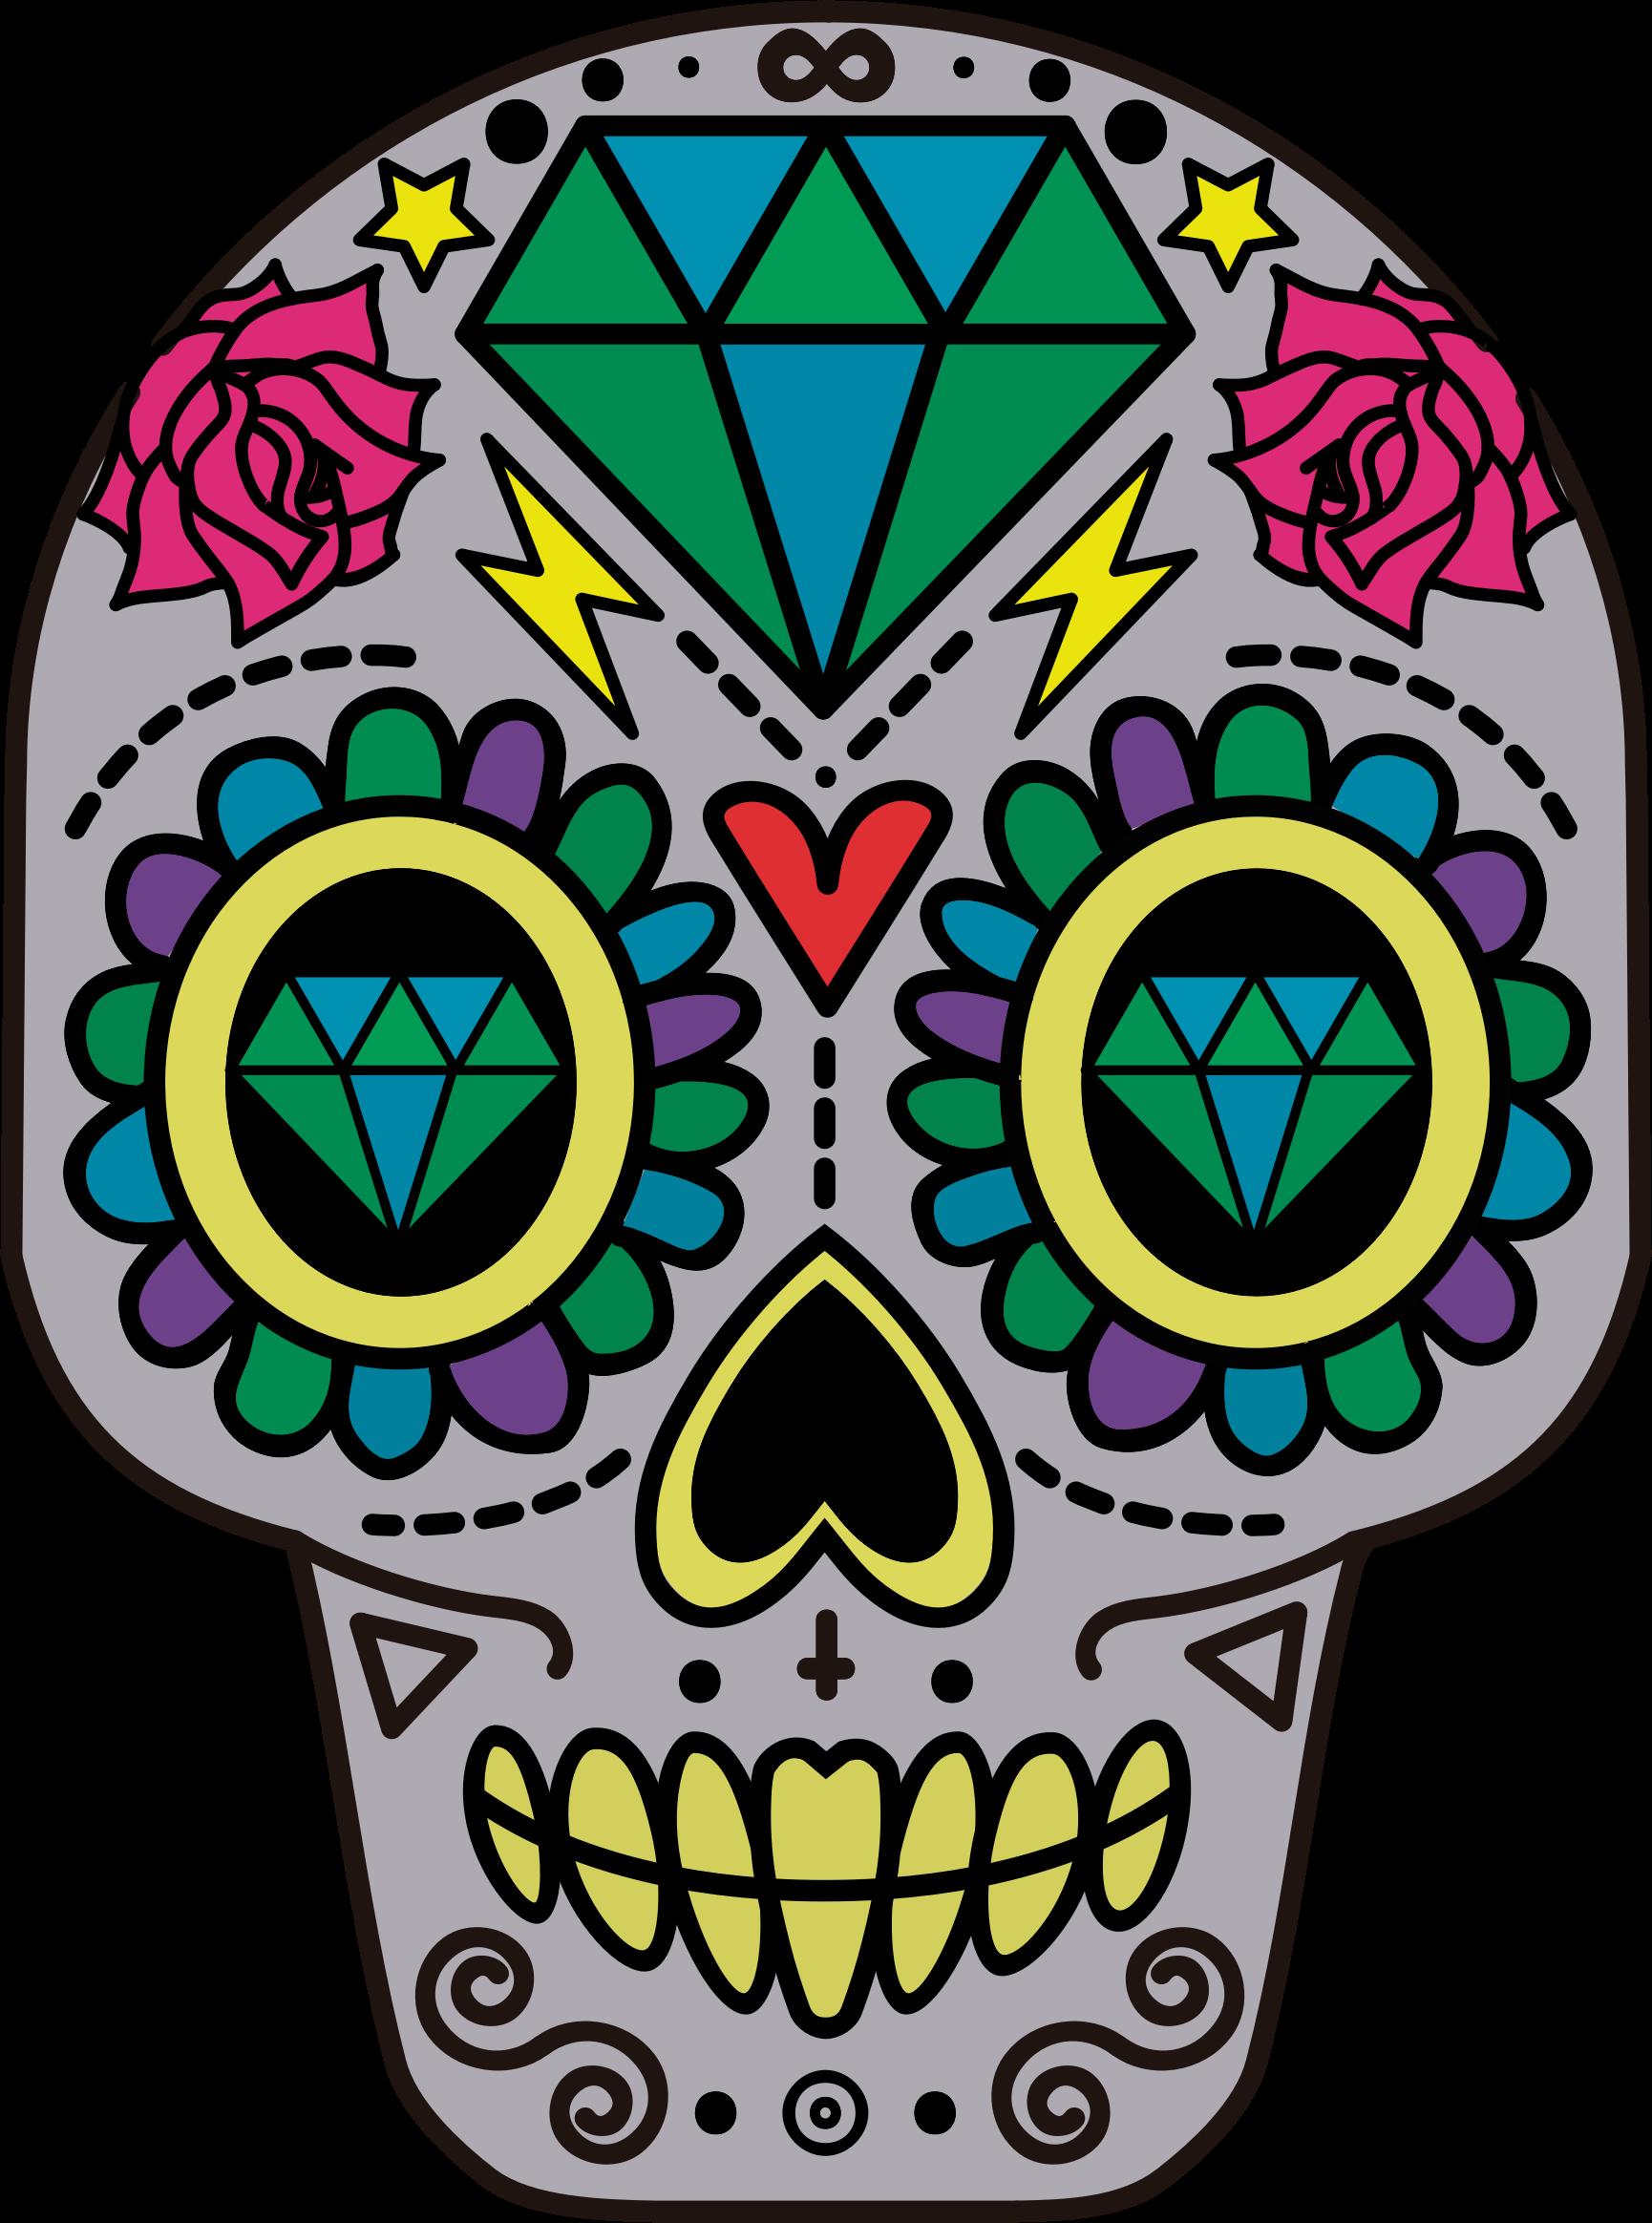 Clipart - Decorative Sugar Skull